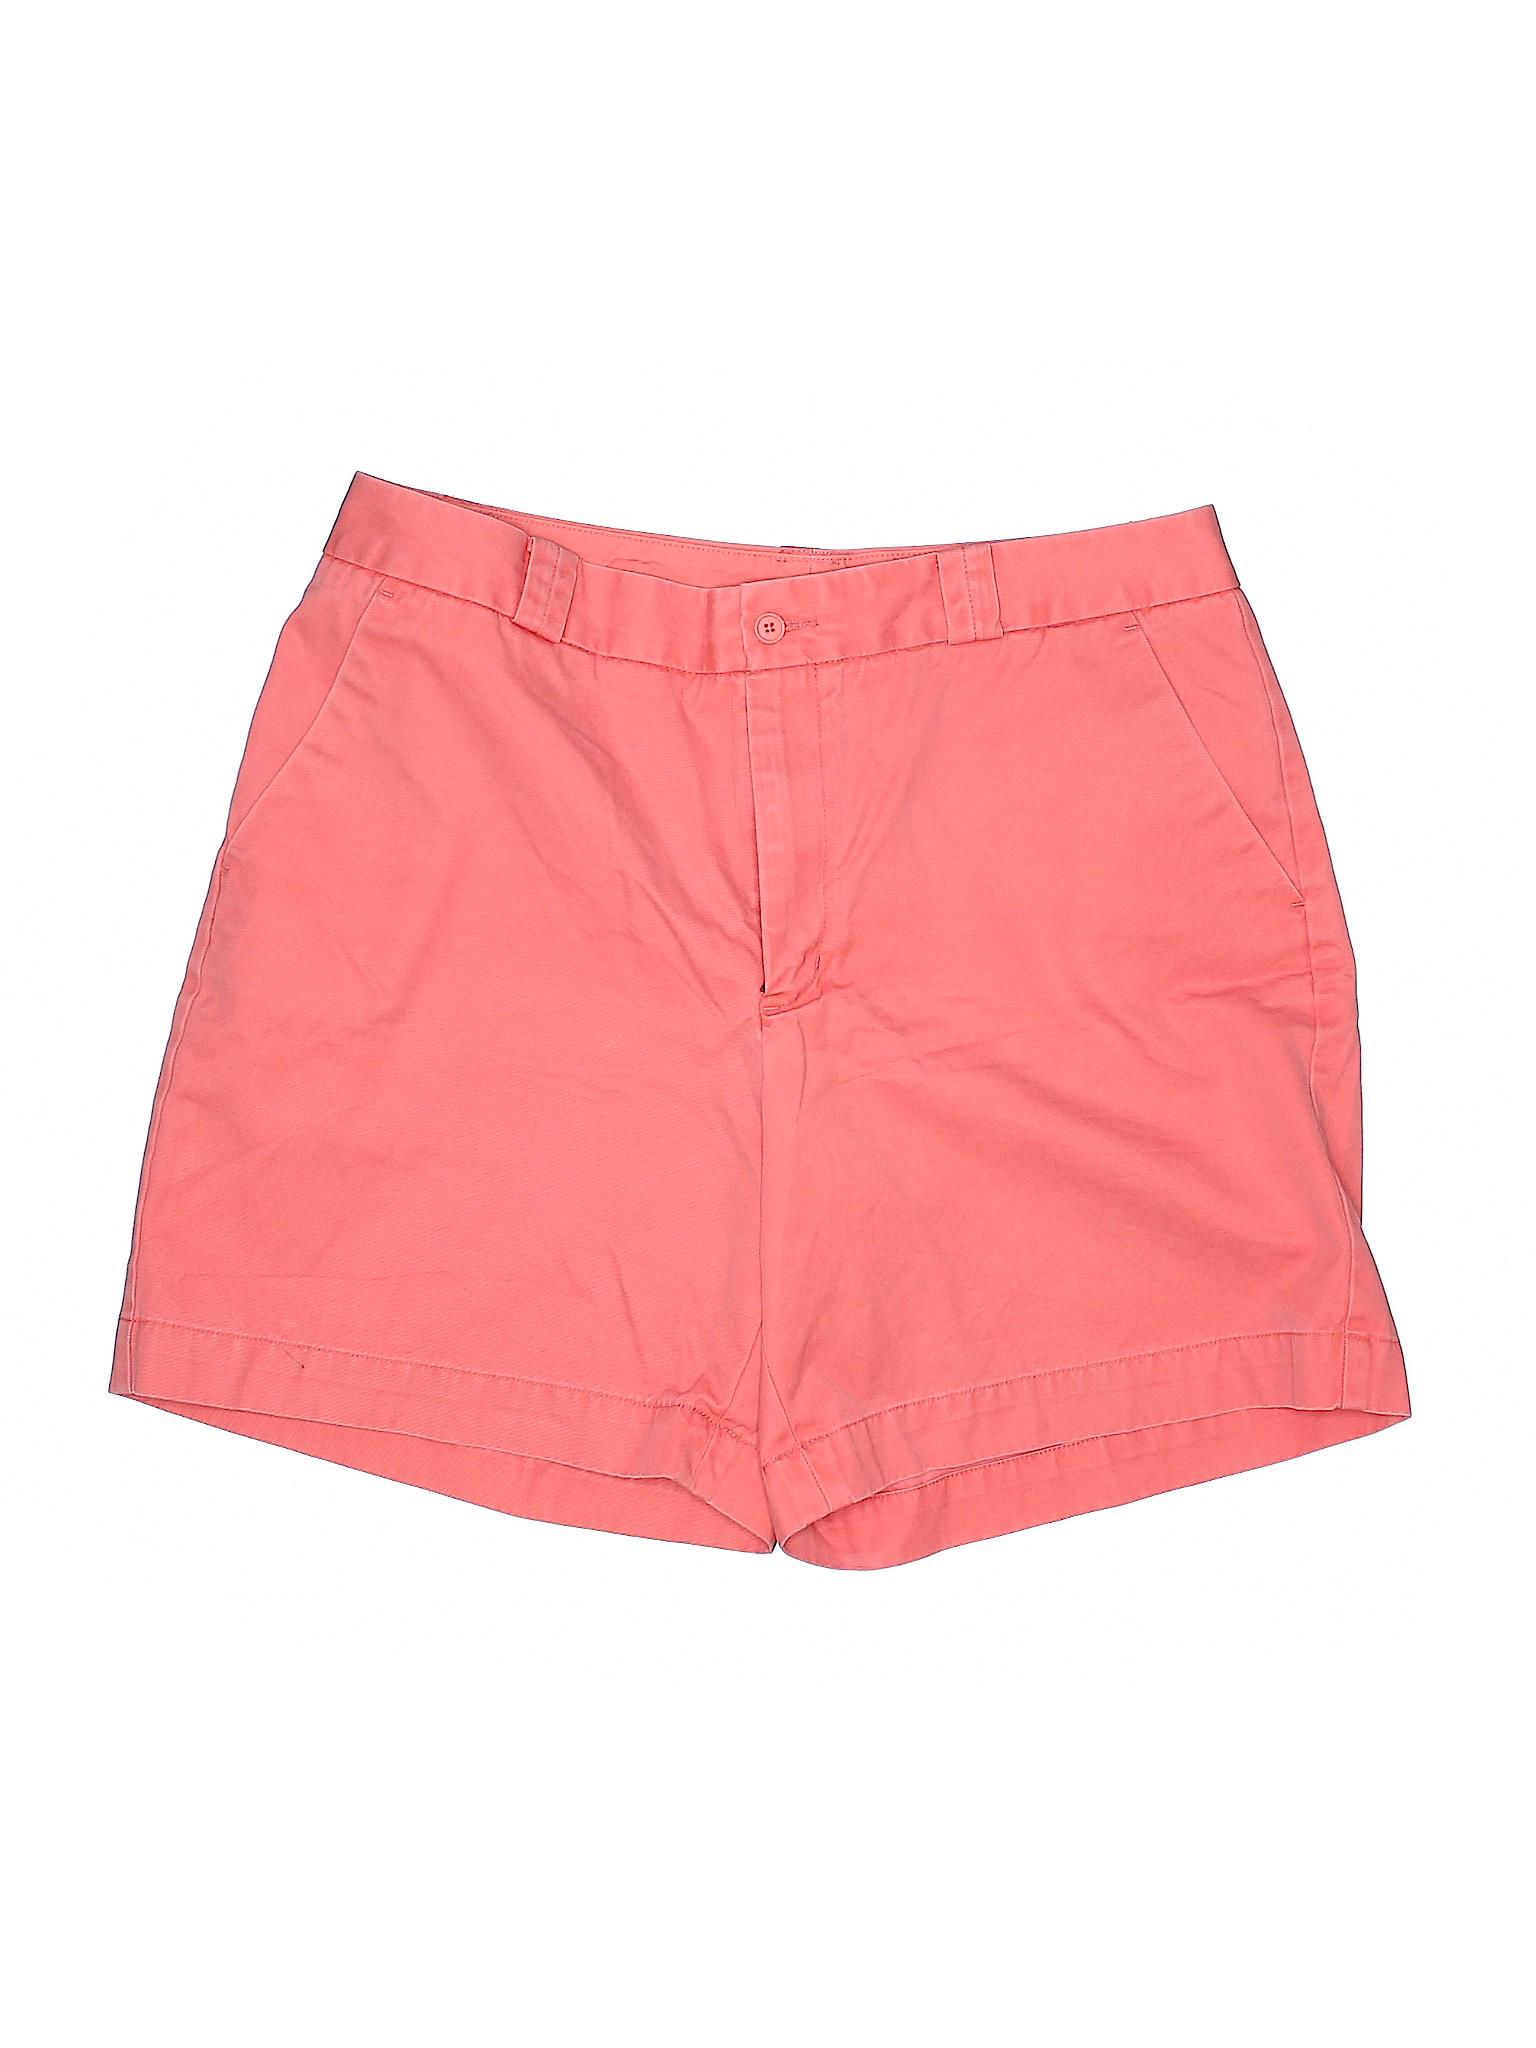 leisure leisure Boutique Gap Shorts Boutique YwYPEqT